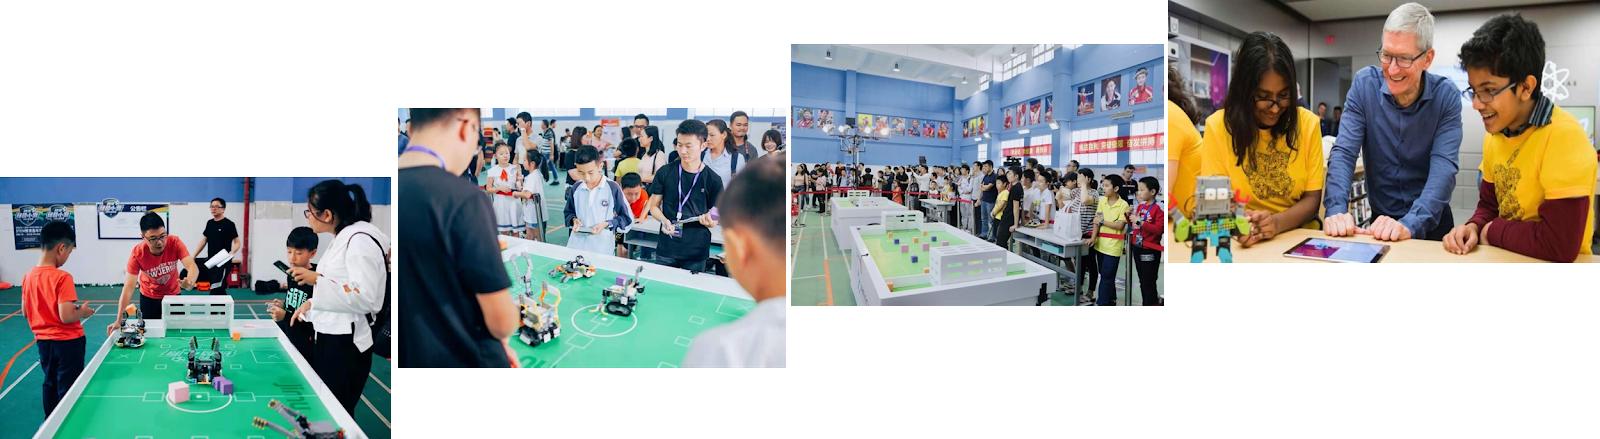 Будущее наступает: китайские роботы приехали в Россию - 28